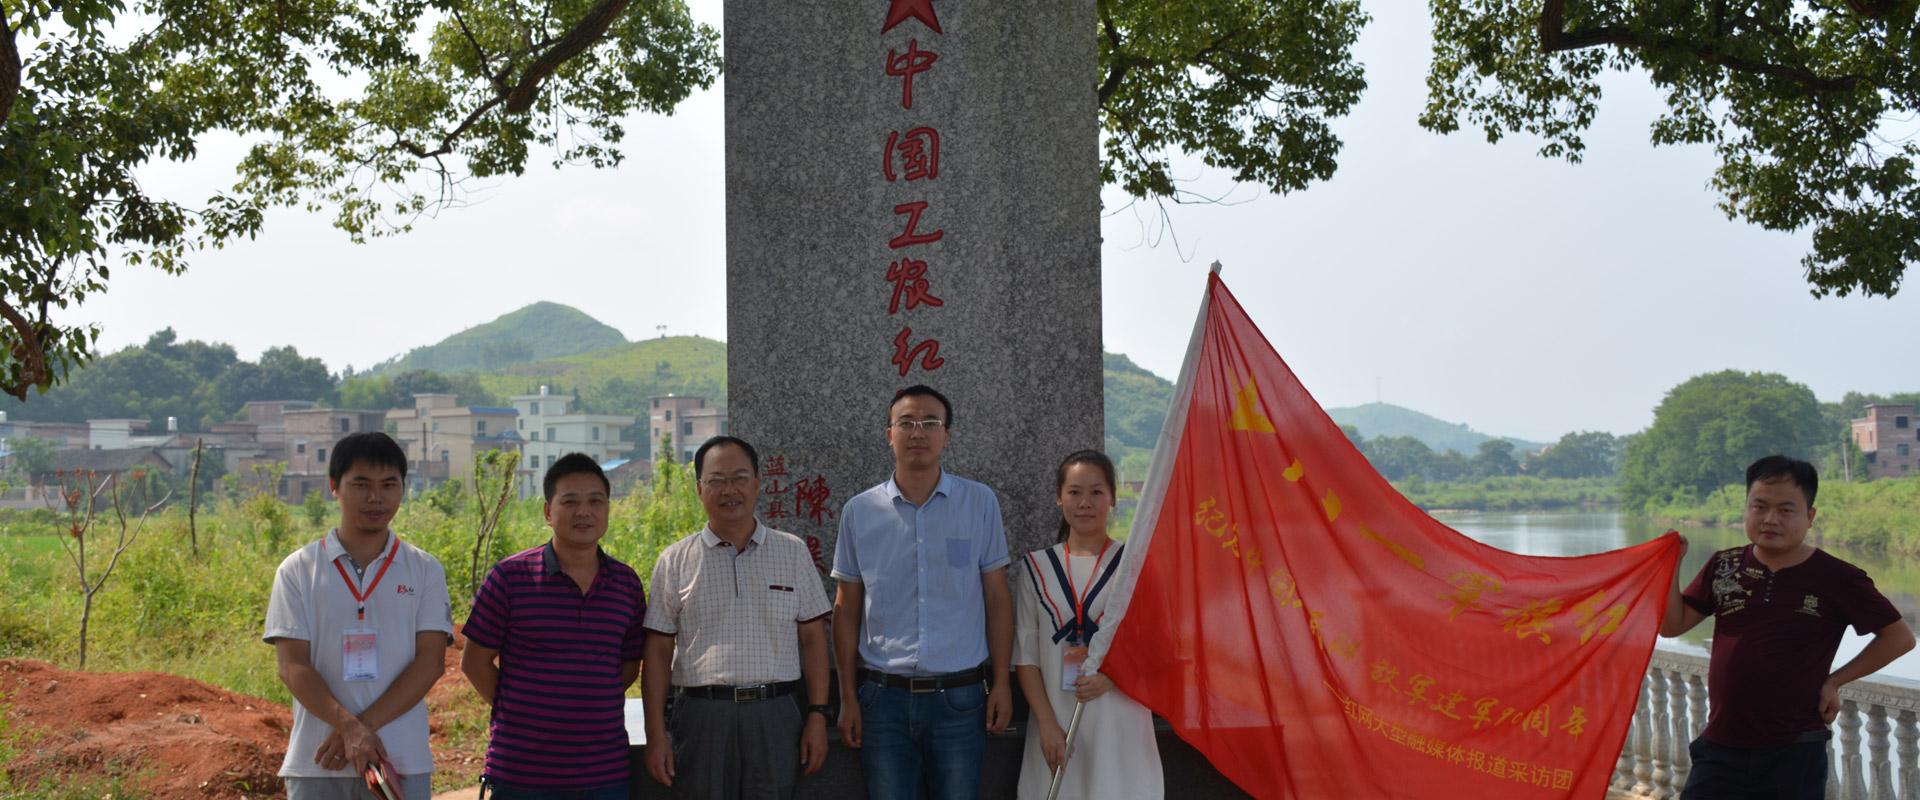 """""""八一军旗红""""纪念建军90周年红网采访团永州分队来到蓝山县土市镇新村的红军渡口。"""